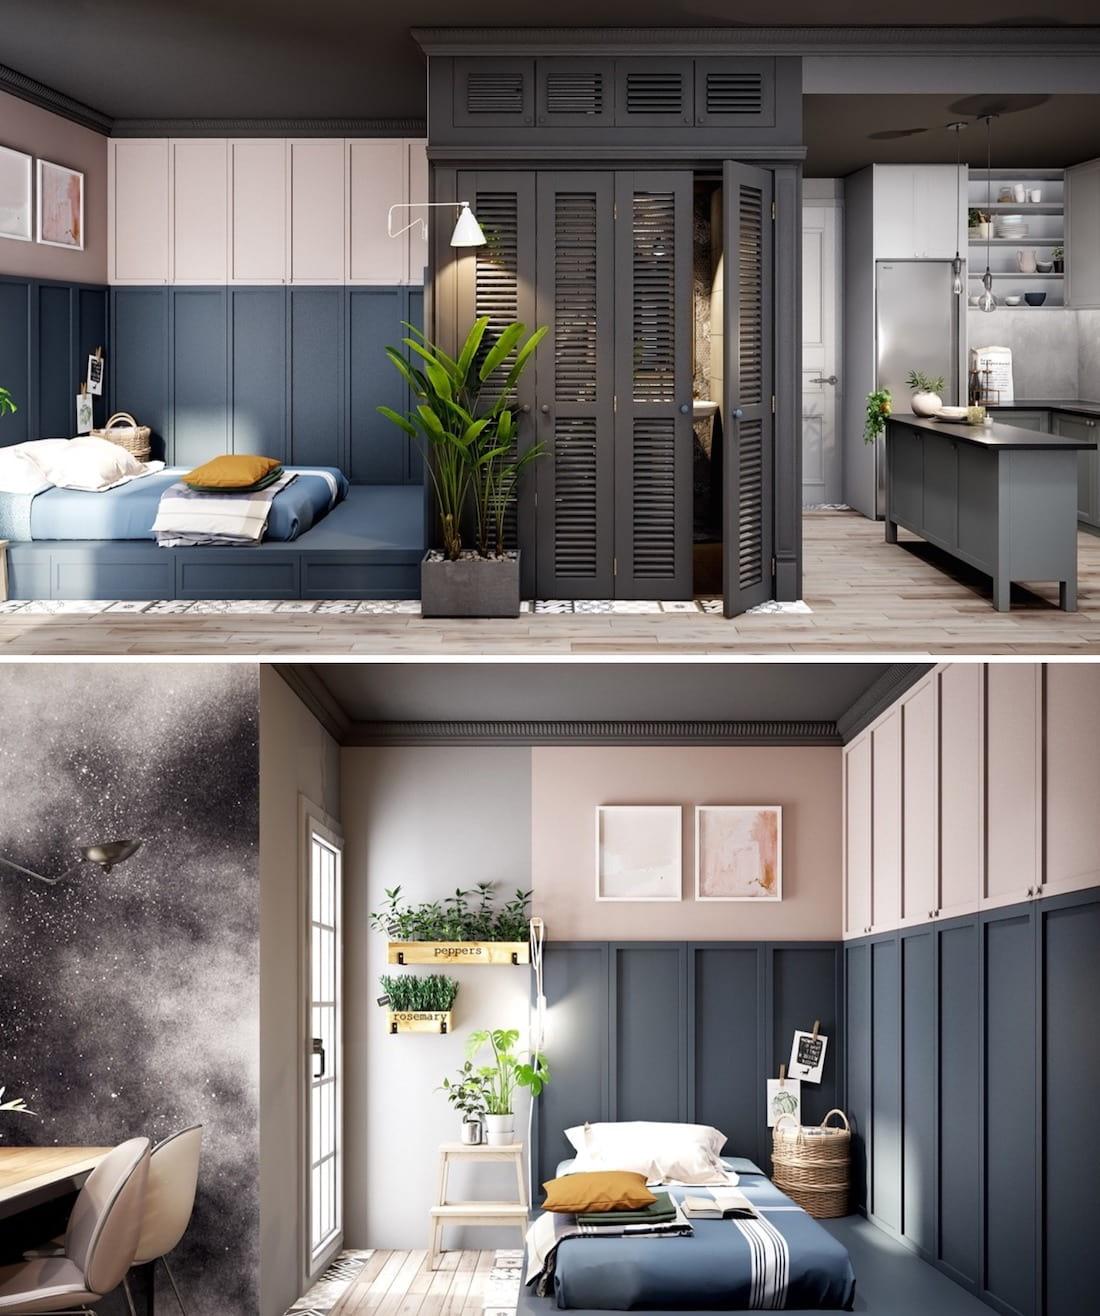 conception d'un petit appartement photo 14